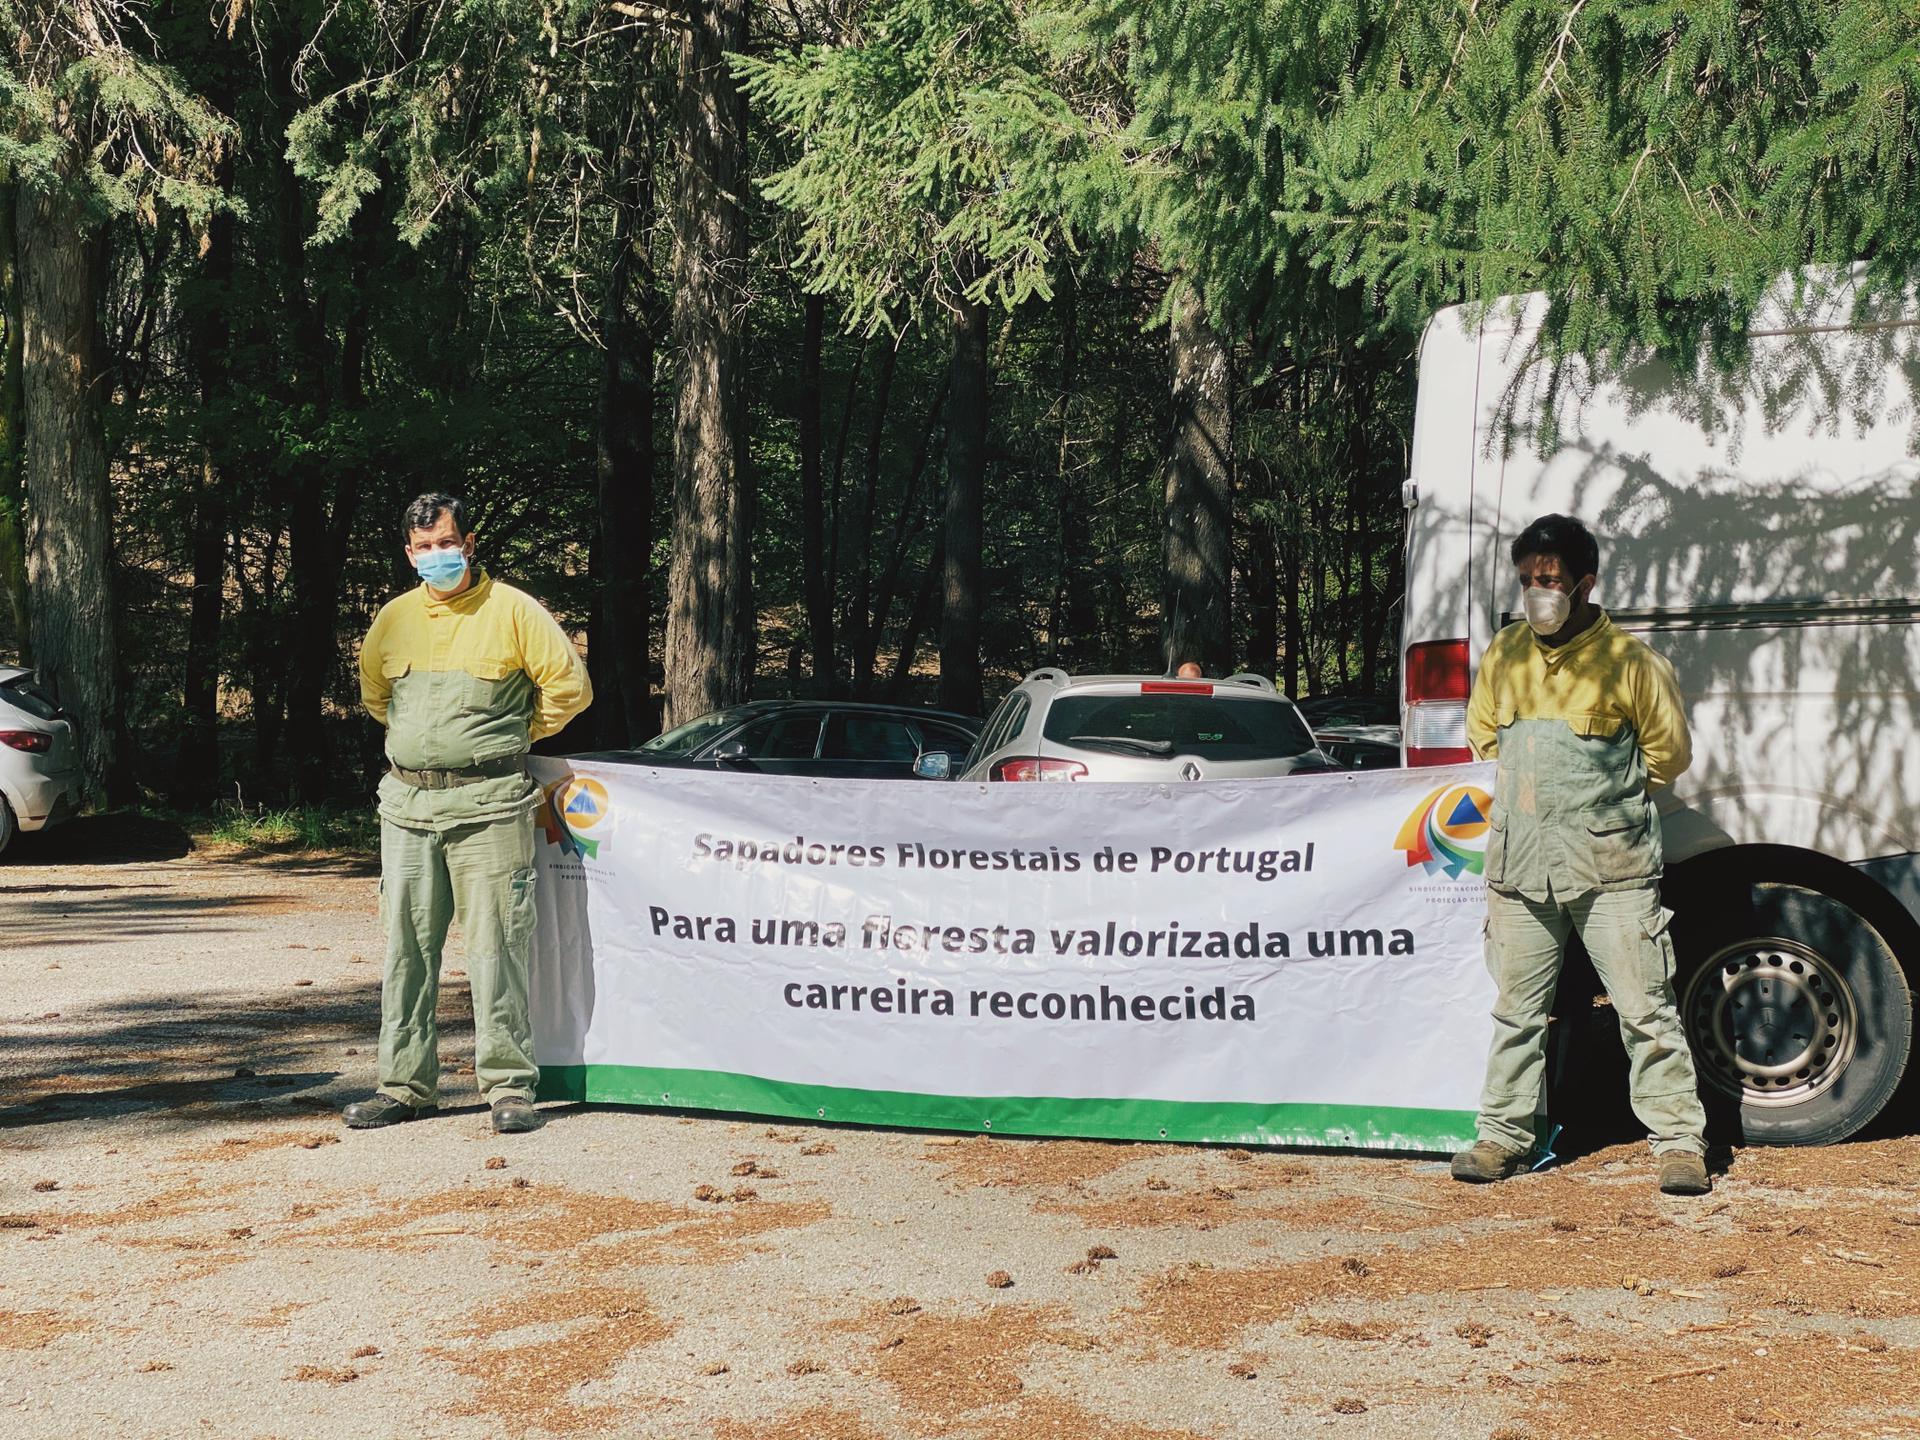 Viseu: Assembleia Municipal aprova moção de apoio à luta dos Sapadores Florestais